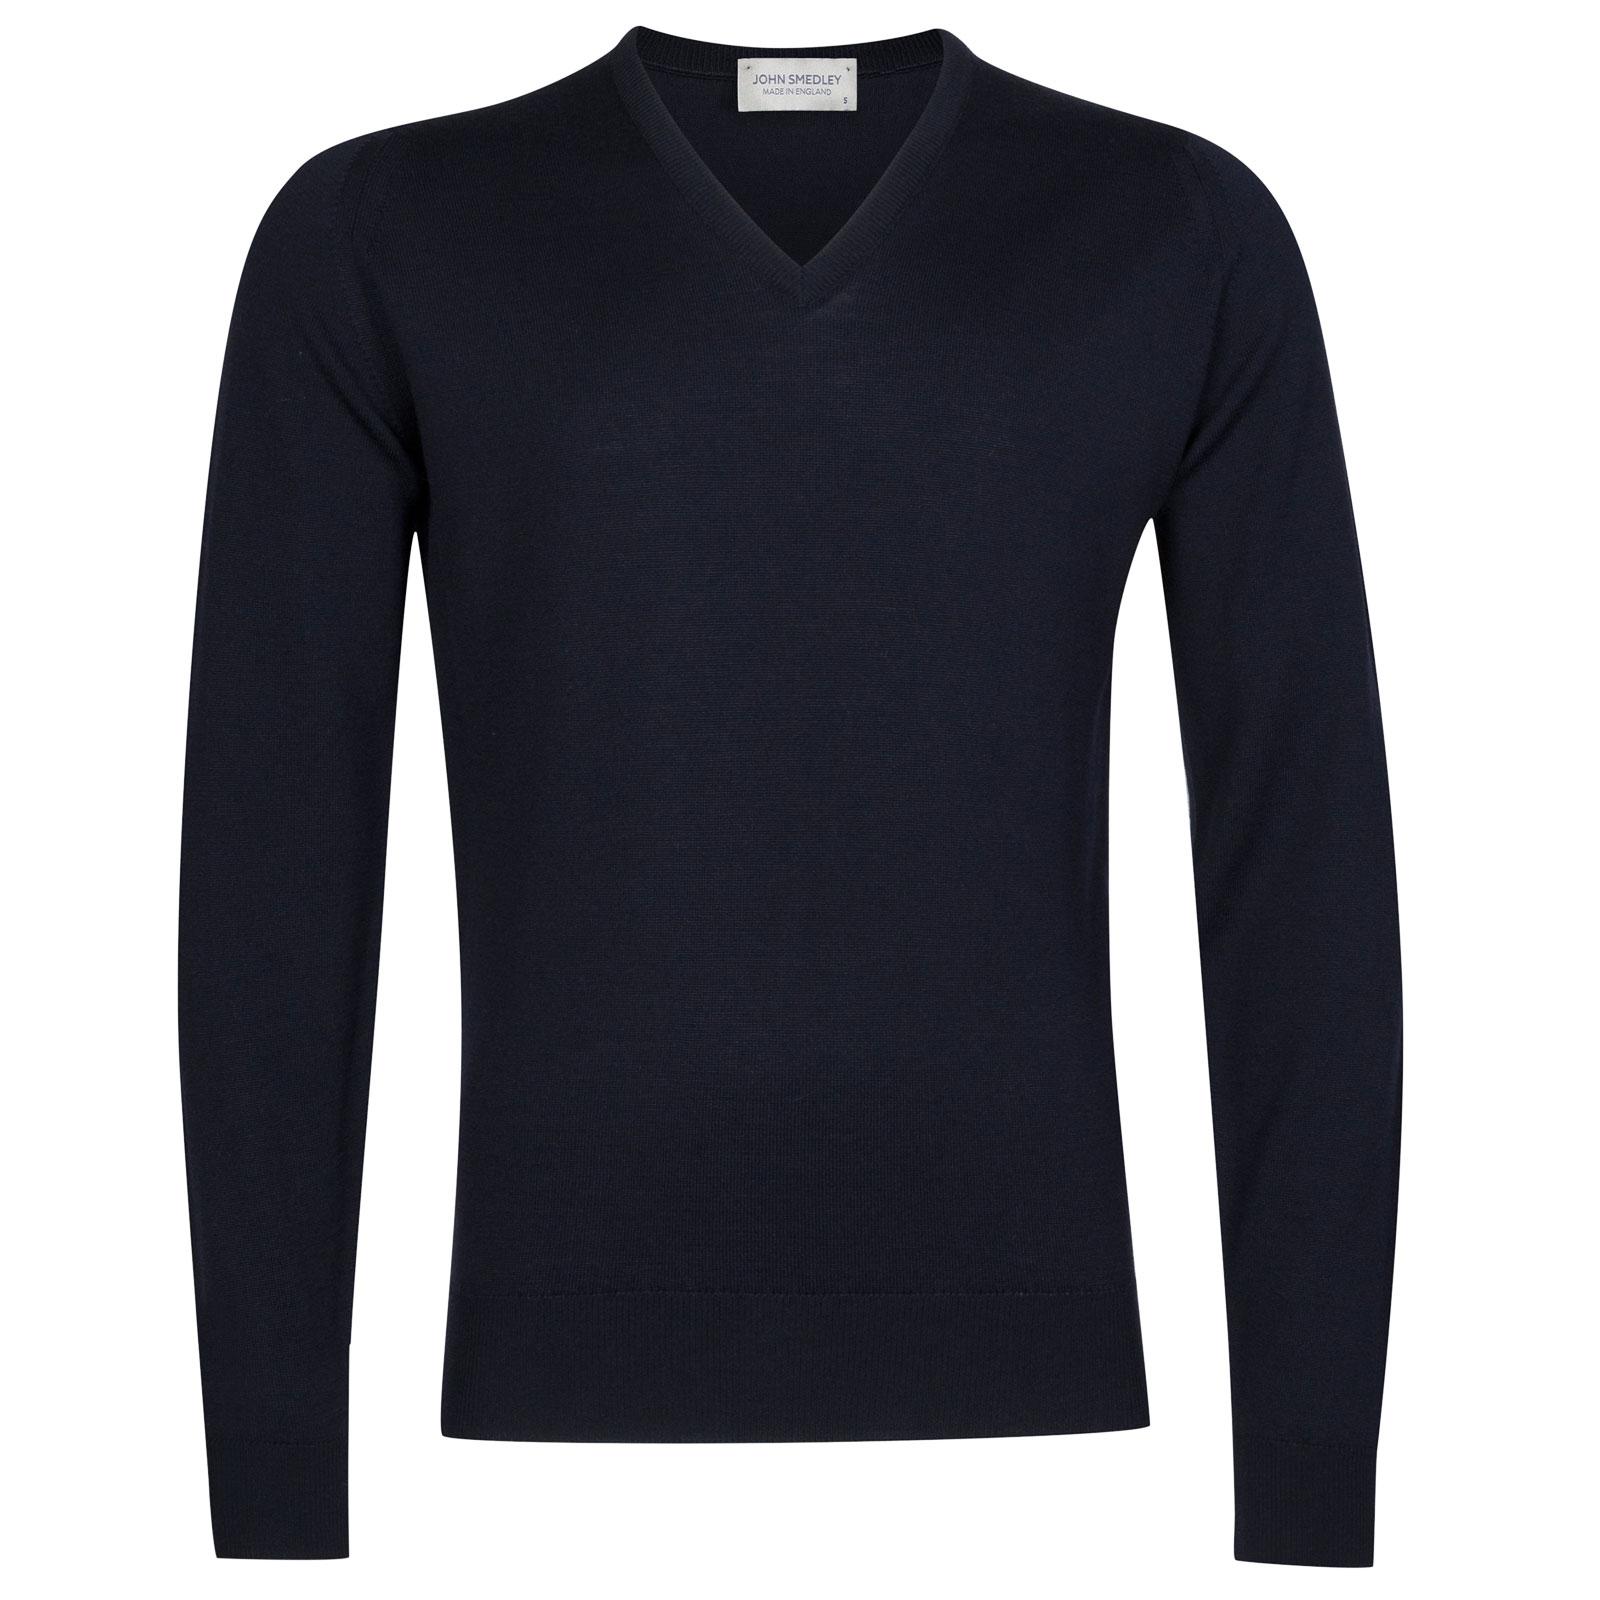 John Smedley Riber Merino Wool Pullover in Midnight-M